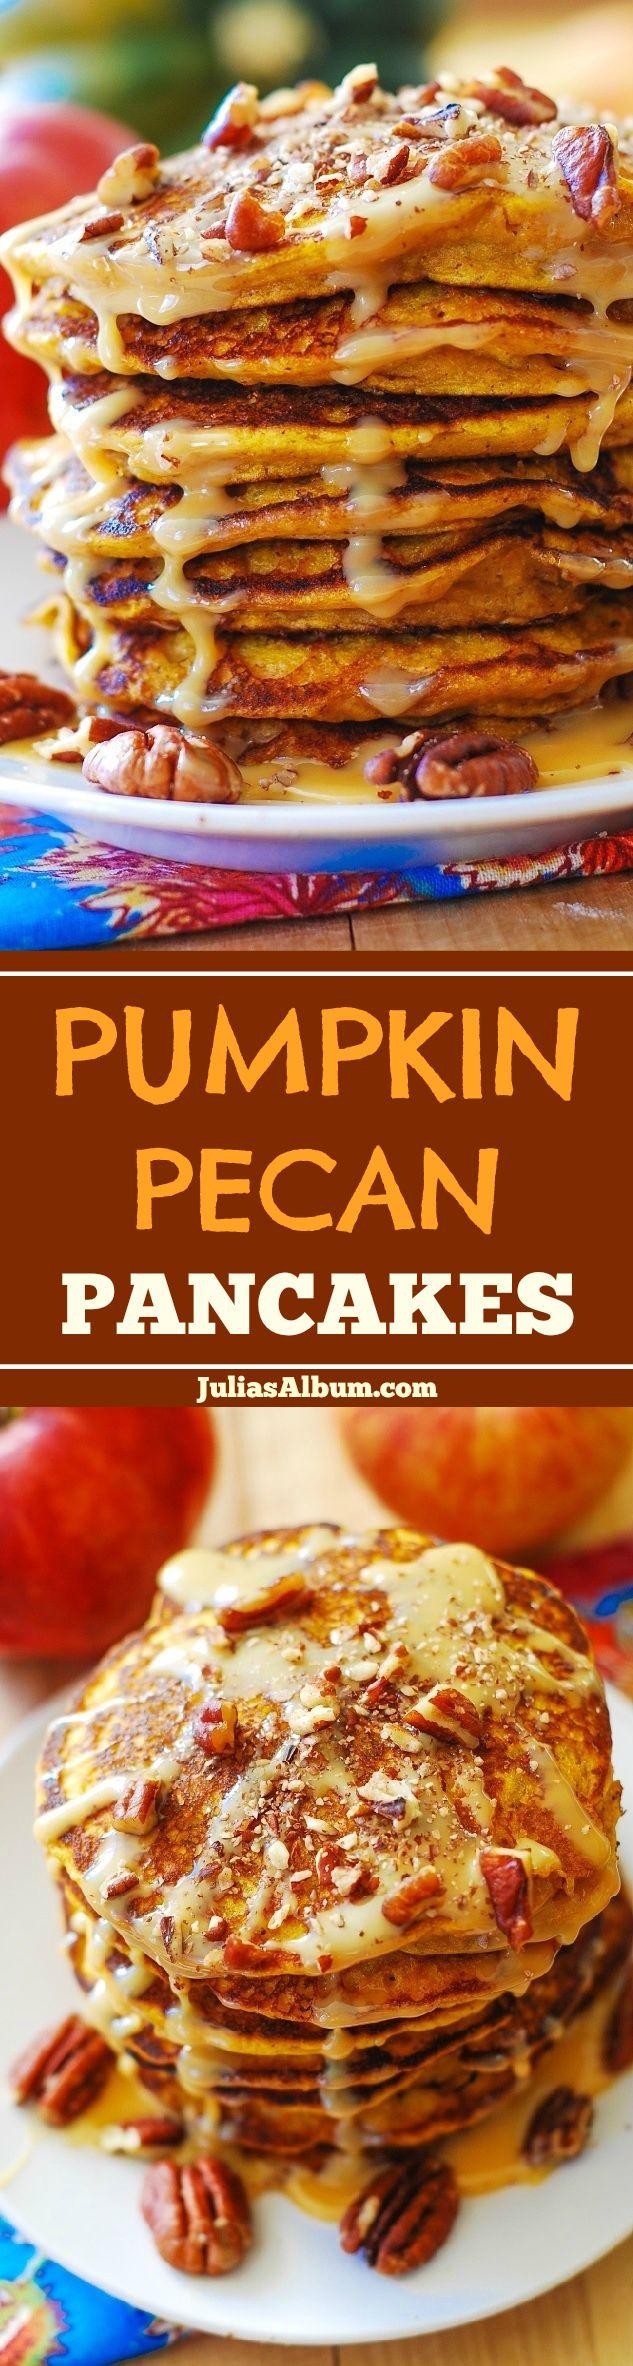 Pumpkin-Pecan Pancakes with Pecan Sauce